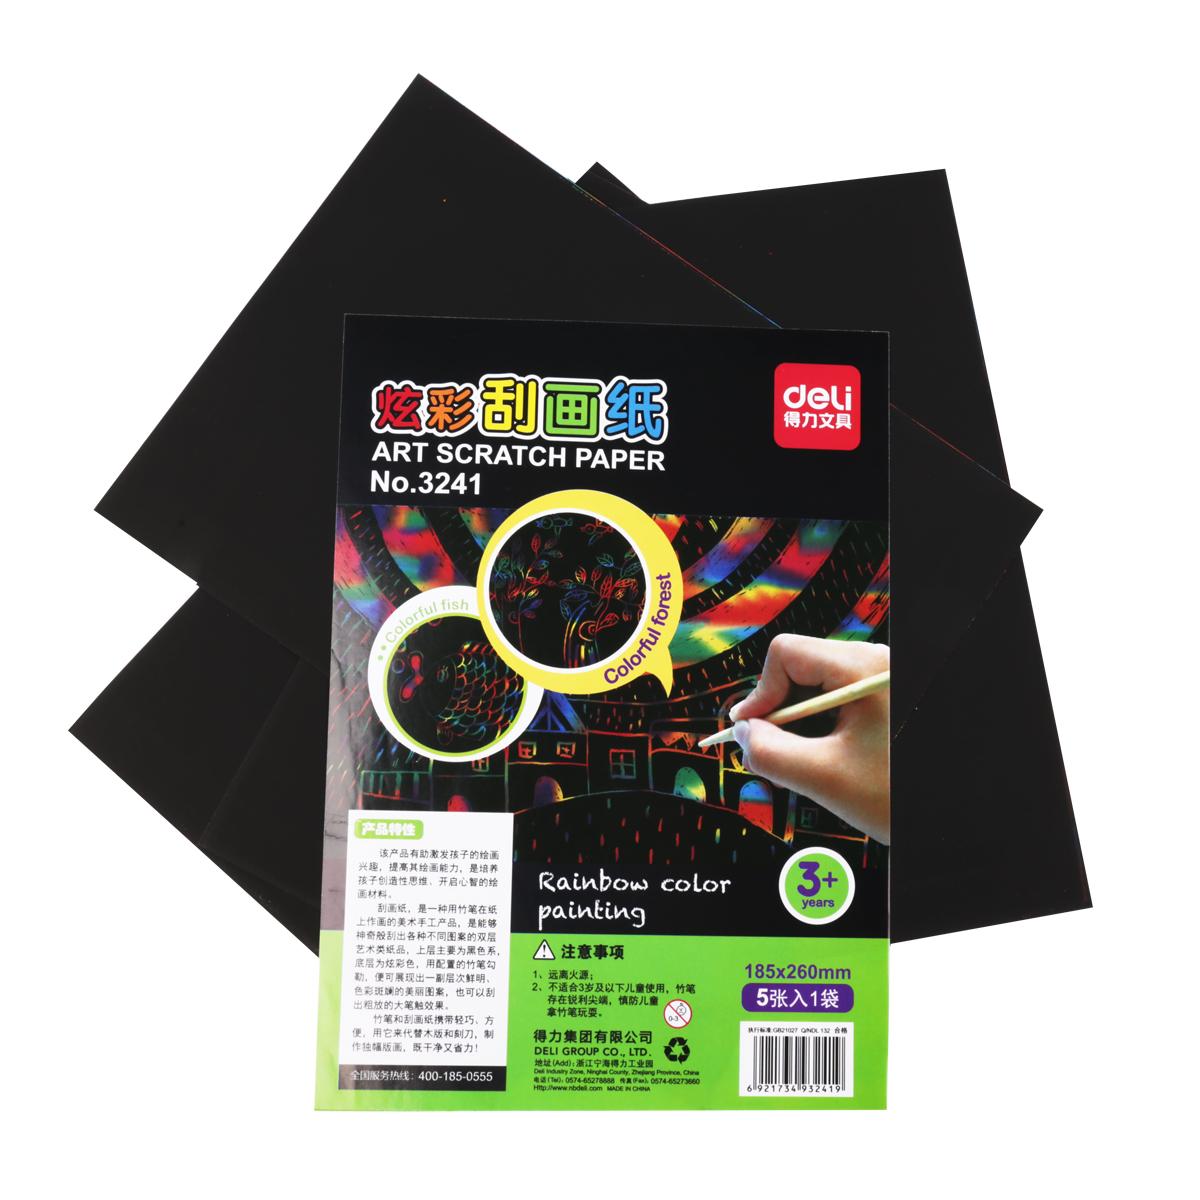 得力3241刮画纸 炫彩刮画纸 儿童益智5张/包 送竹笔 185*260mm